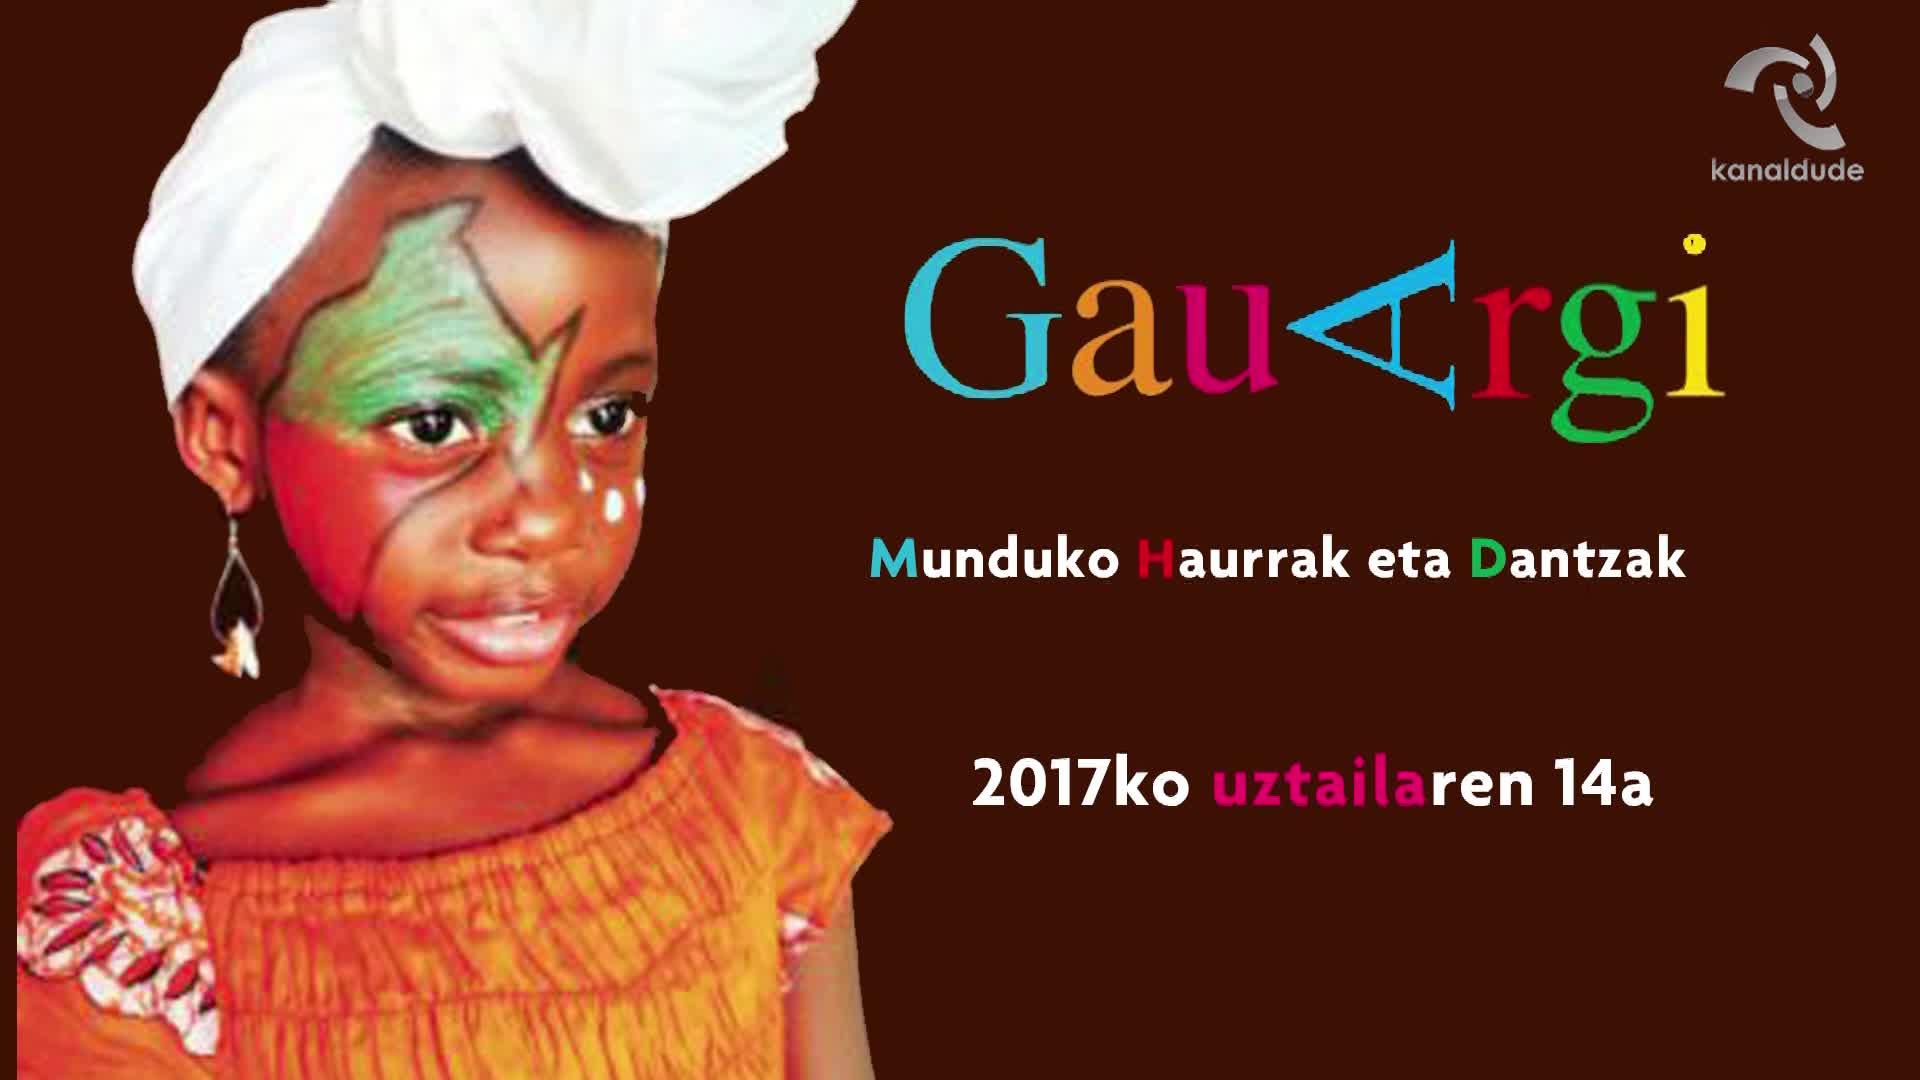 Gau argi 2017 : Ezpela dantza taldea